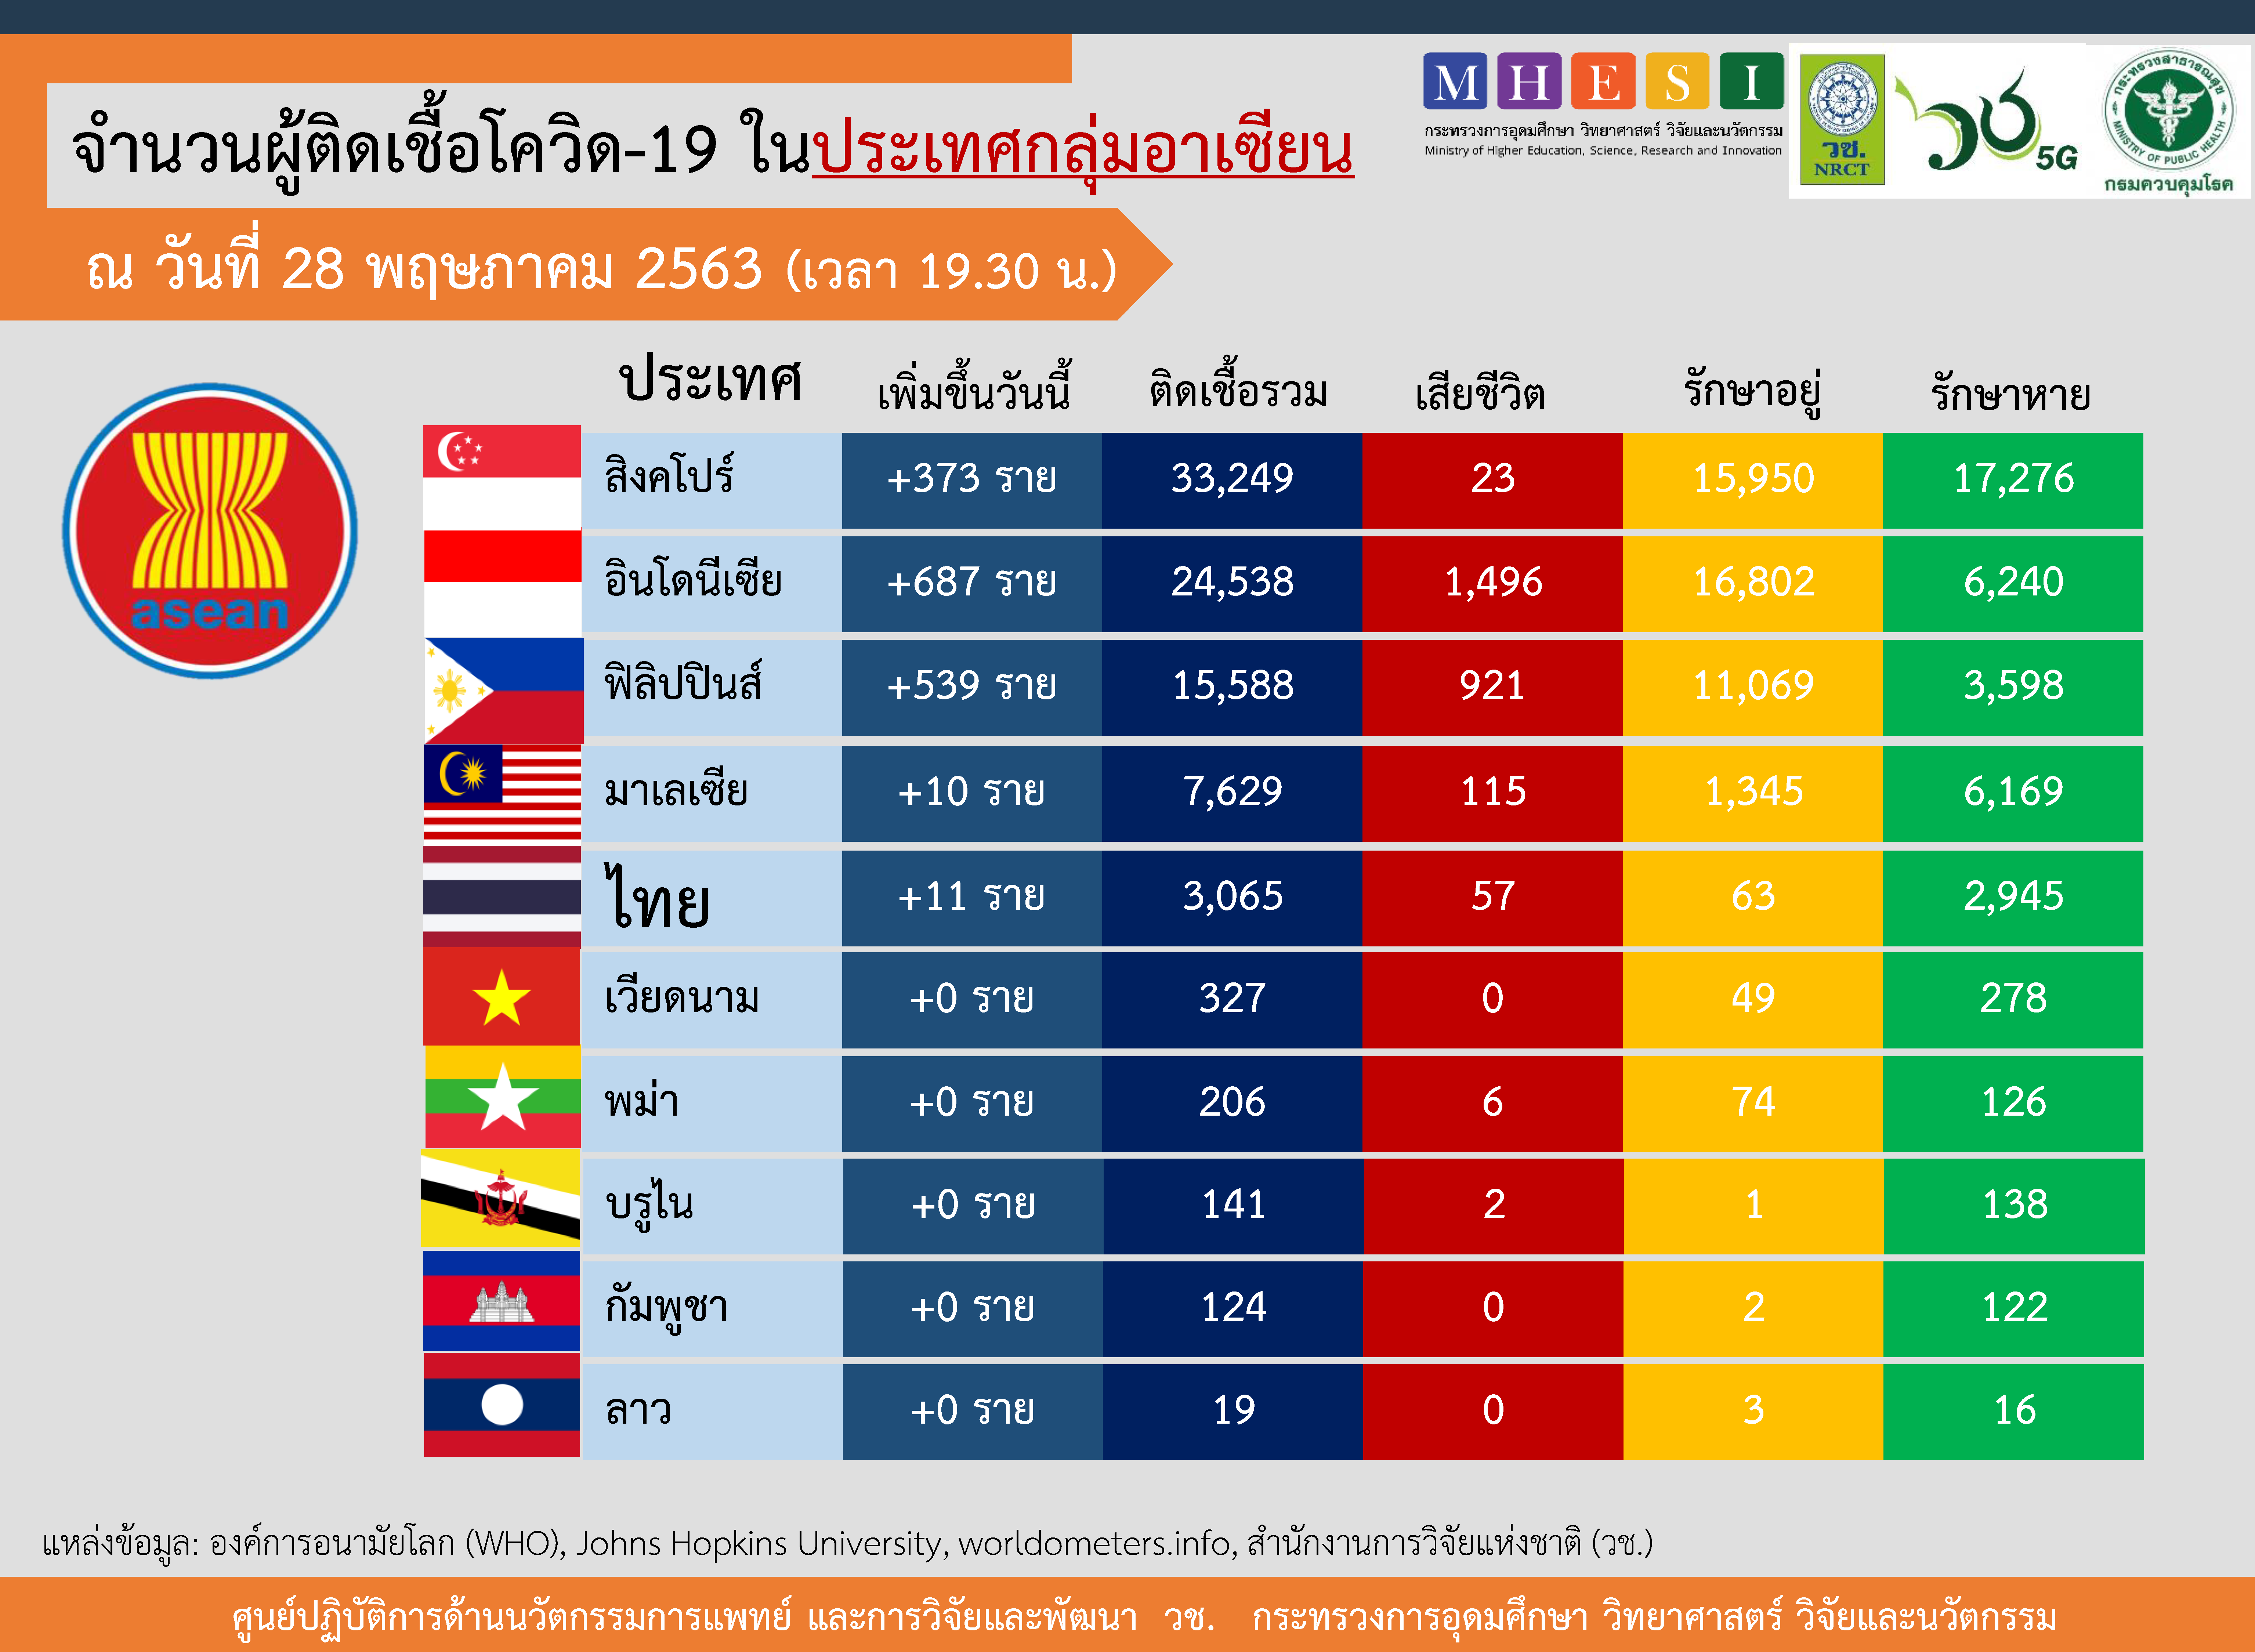 ยอดผู้ป่วยโควิดเพิ่มสูงสุดในอาเซียน 'อินโดฯ' 687 ราย ตามด้วย 'ฟิลิปปินส์' 539 ราย